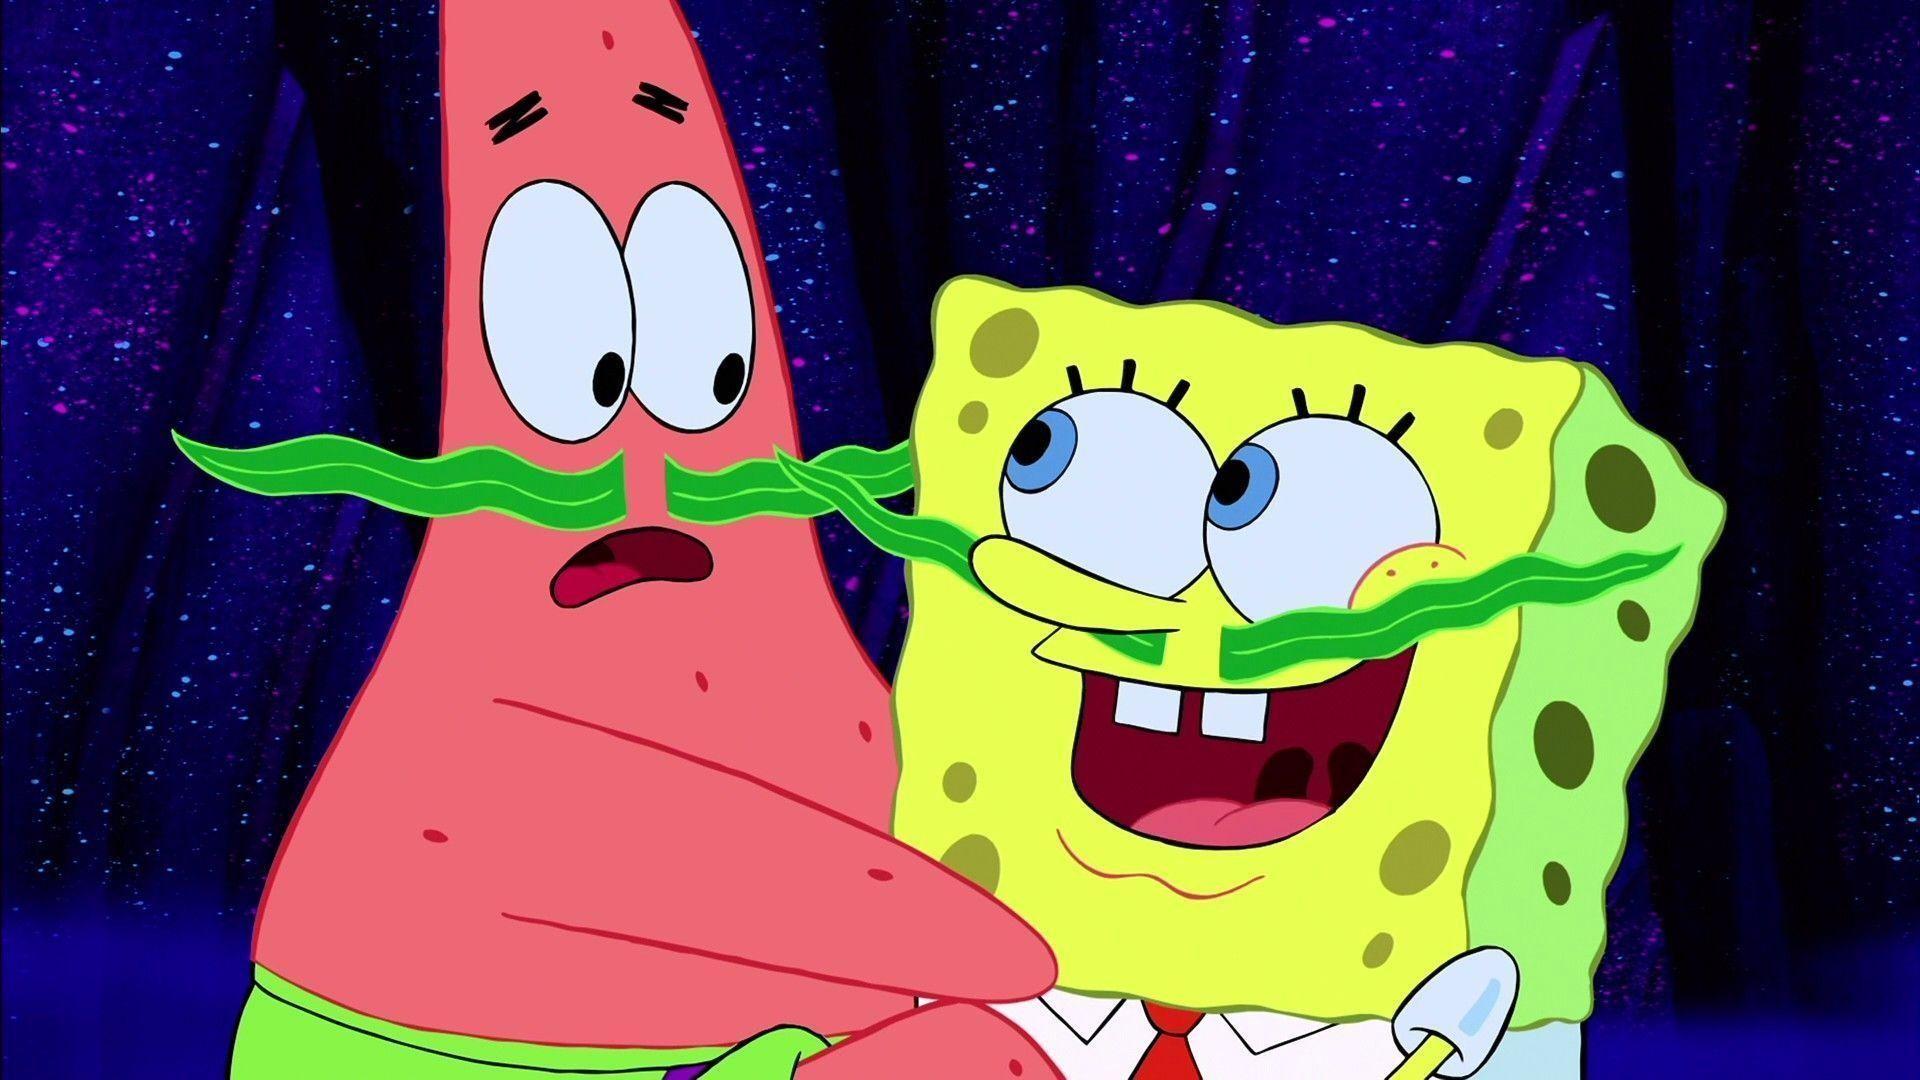 Spongebob Squarepants And Patrick Wallpaper 49 Images